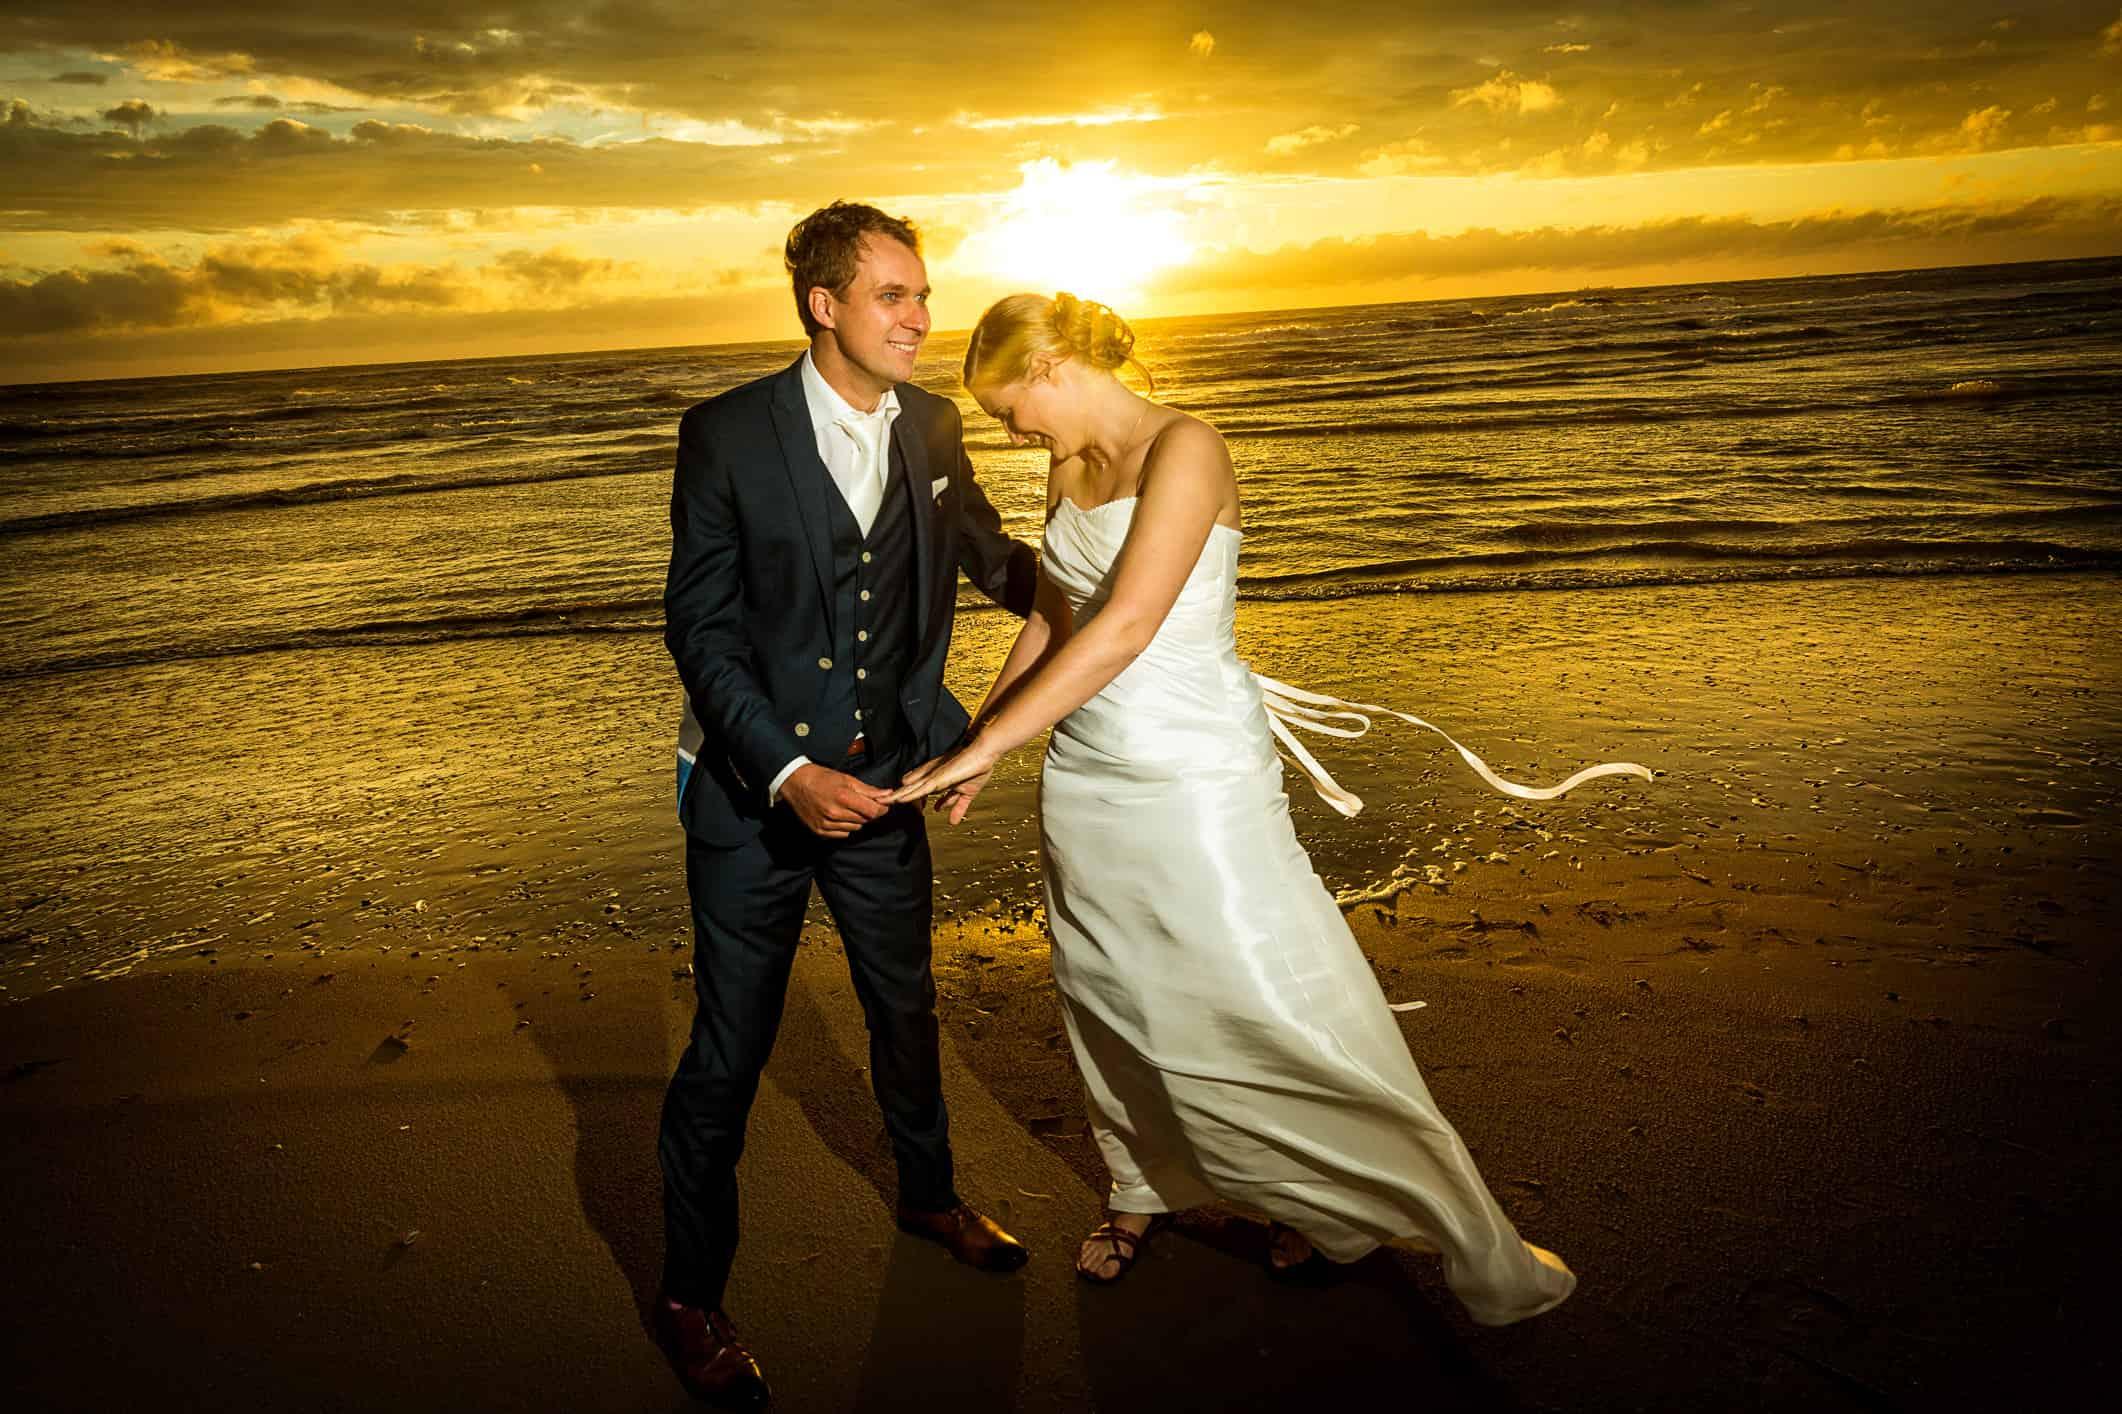 fotograaf huwelijk Texel trouwen